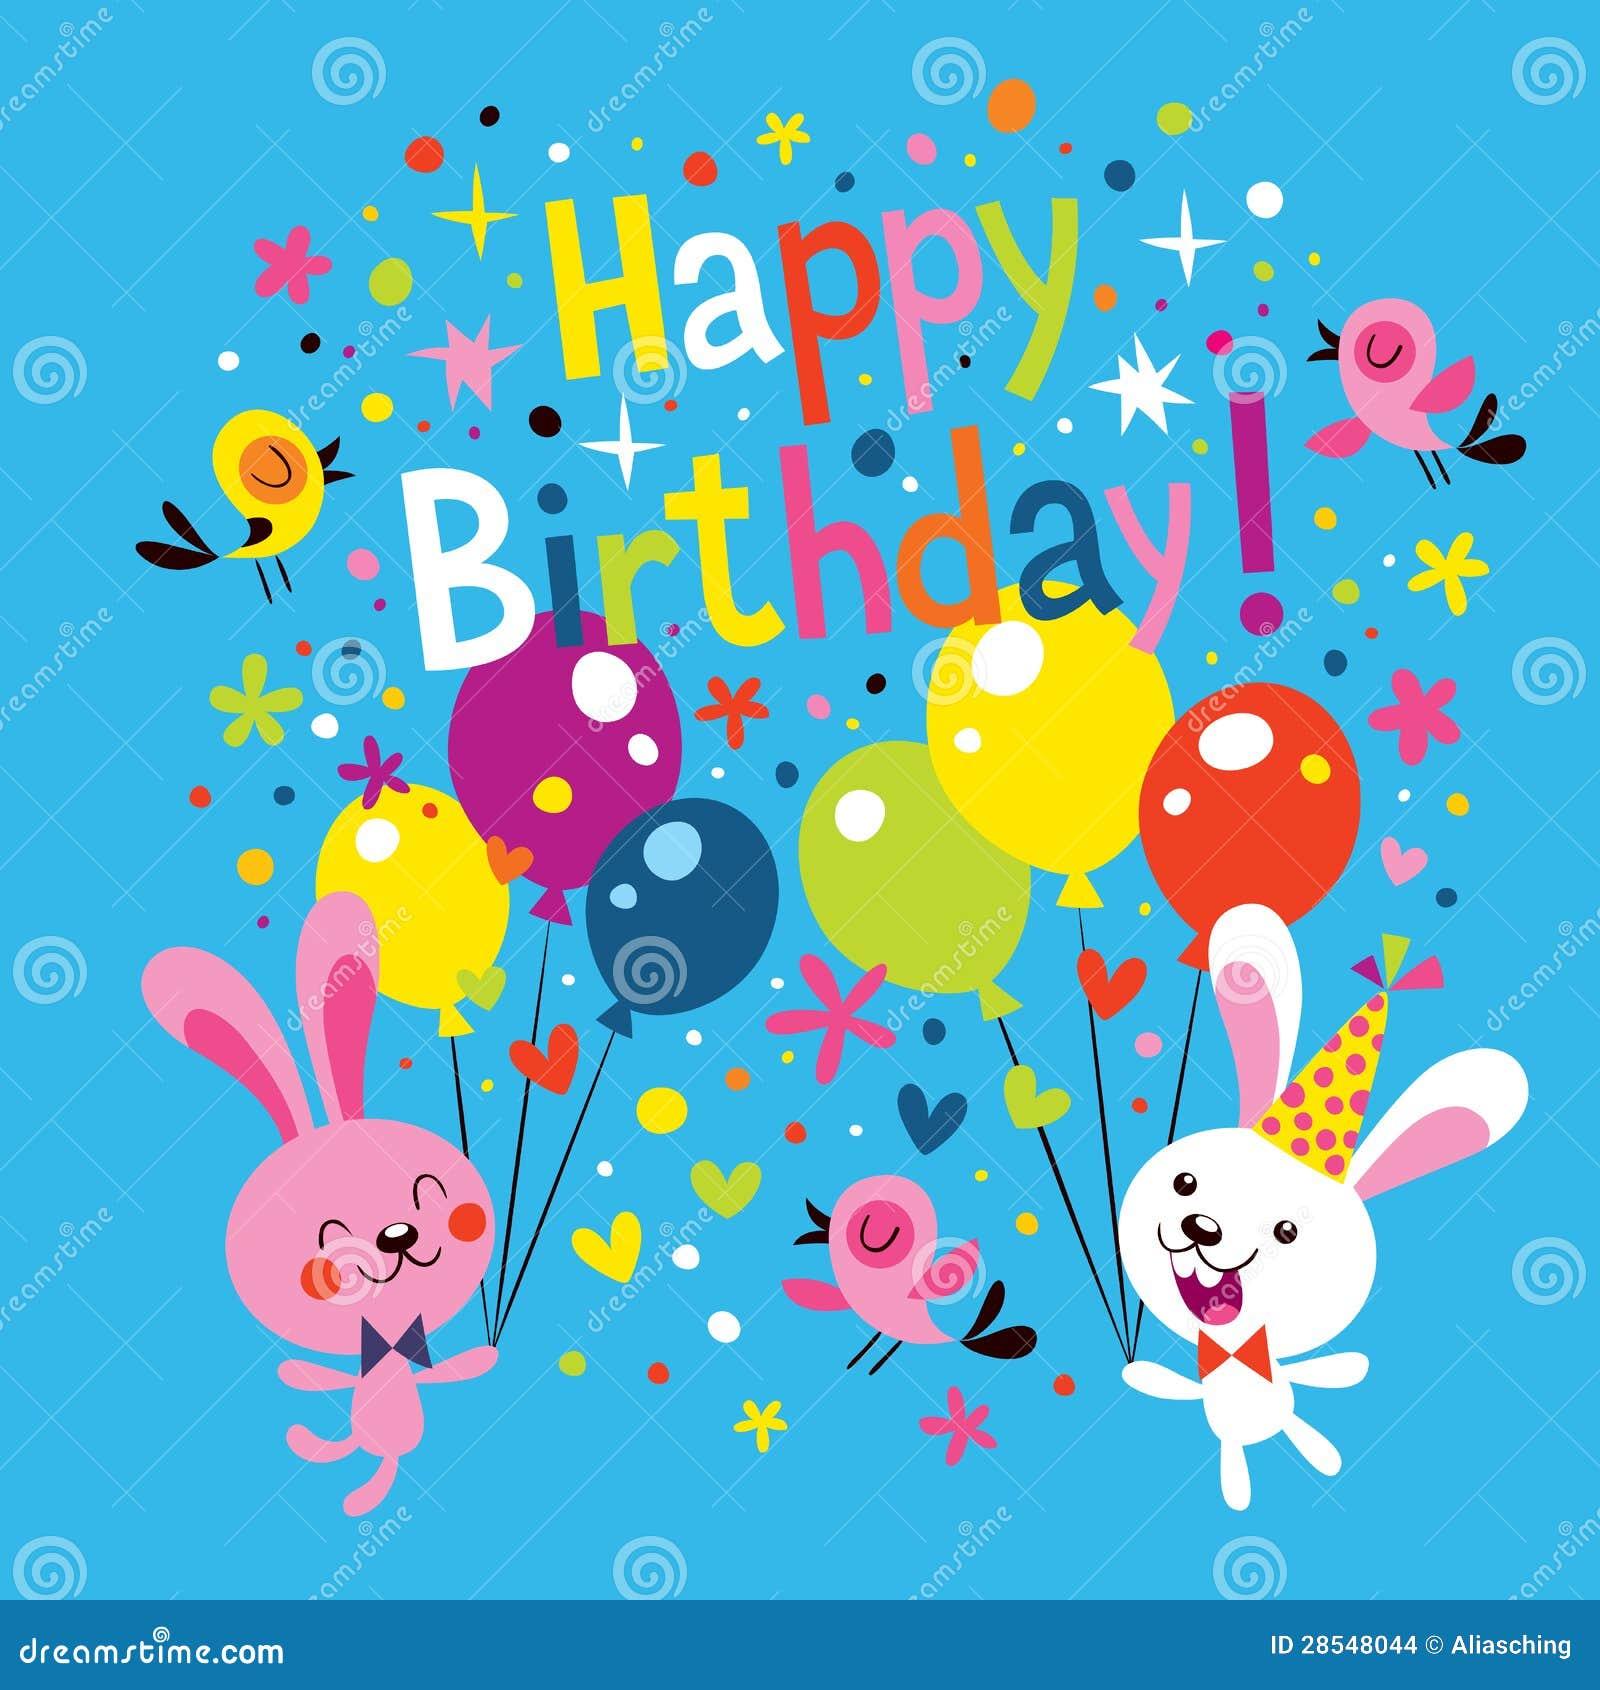 Kaart Verjaardag.De Gelukkige Kaart Van De Verjaardag Vector Illustratie